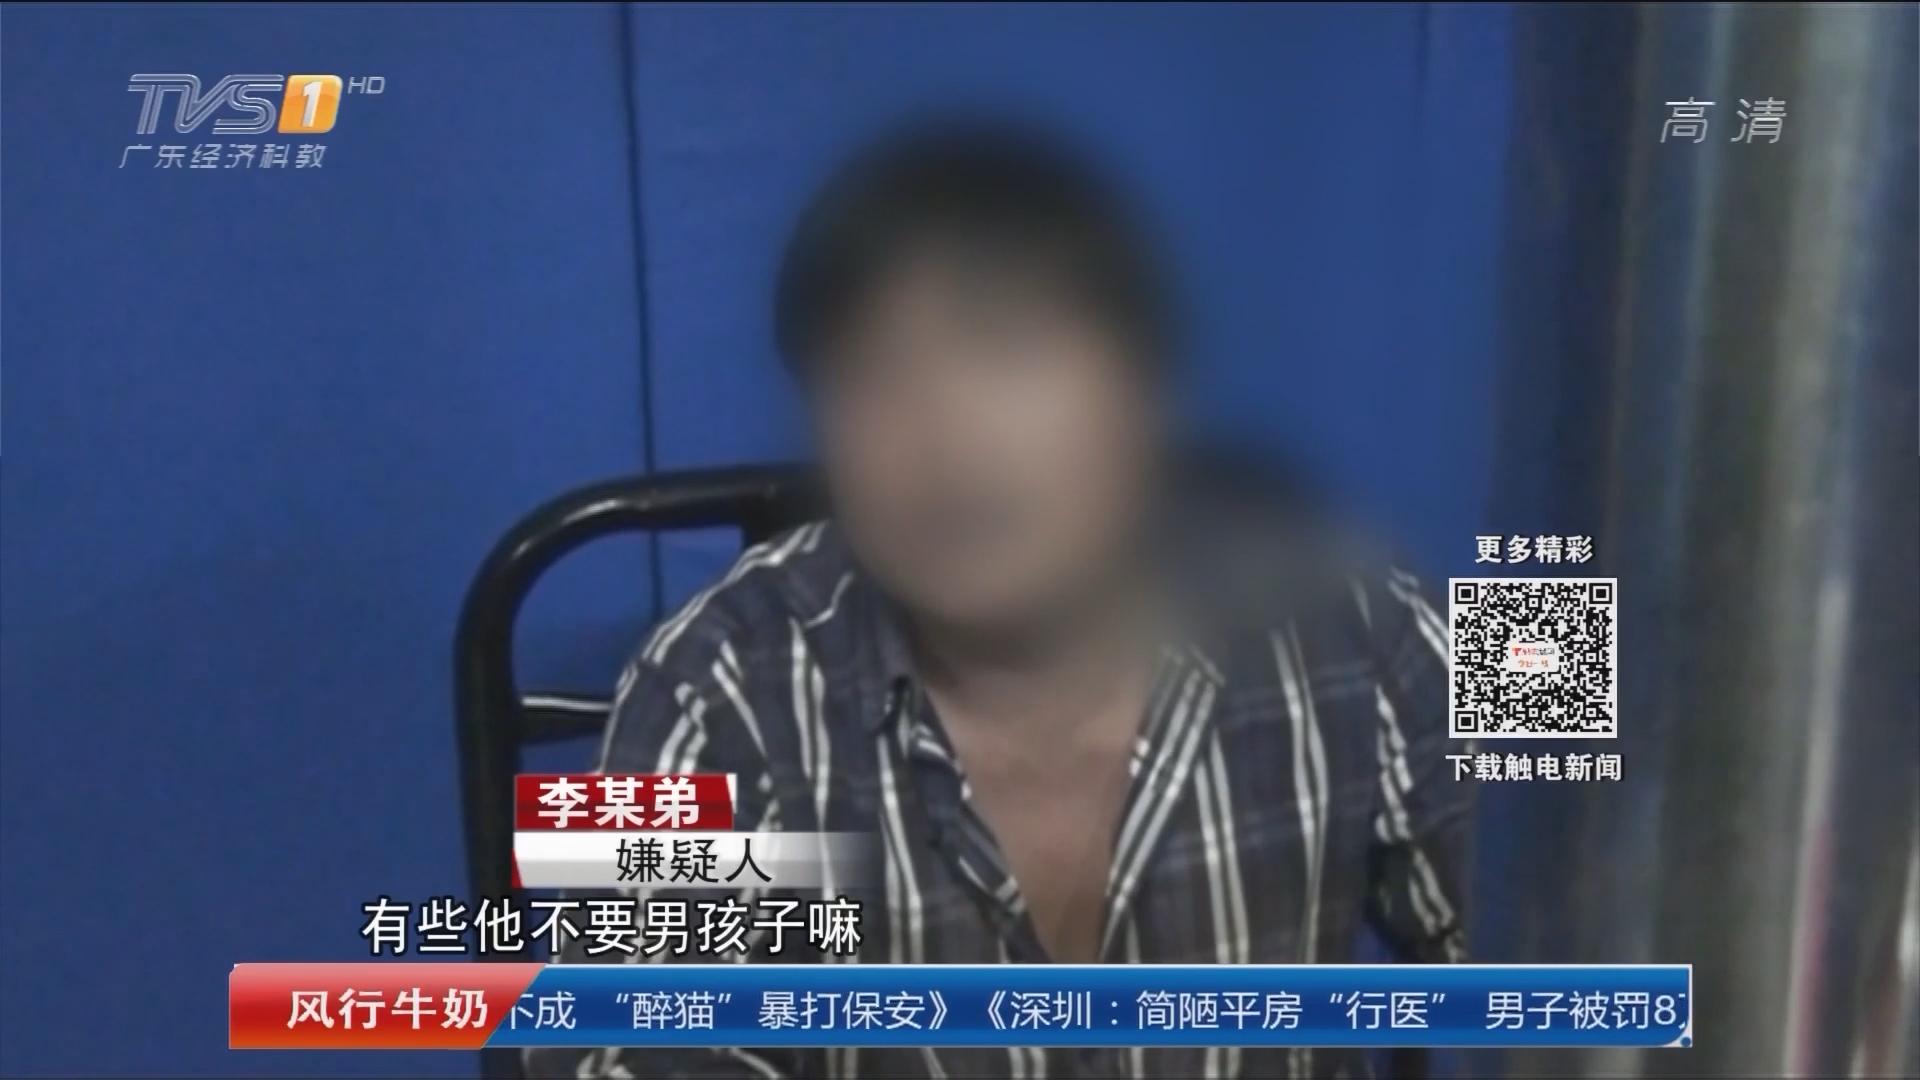 创建平安广东:深圳 因纹身丢工作 男子疯狂偷车